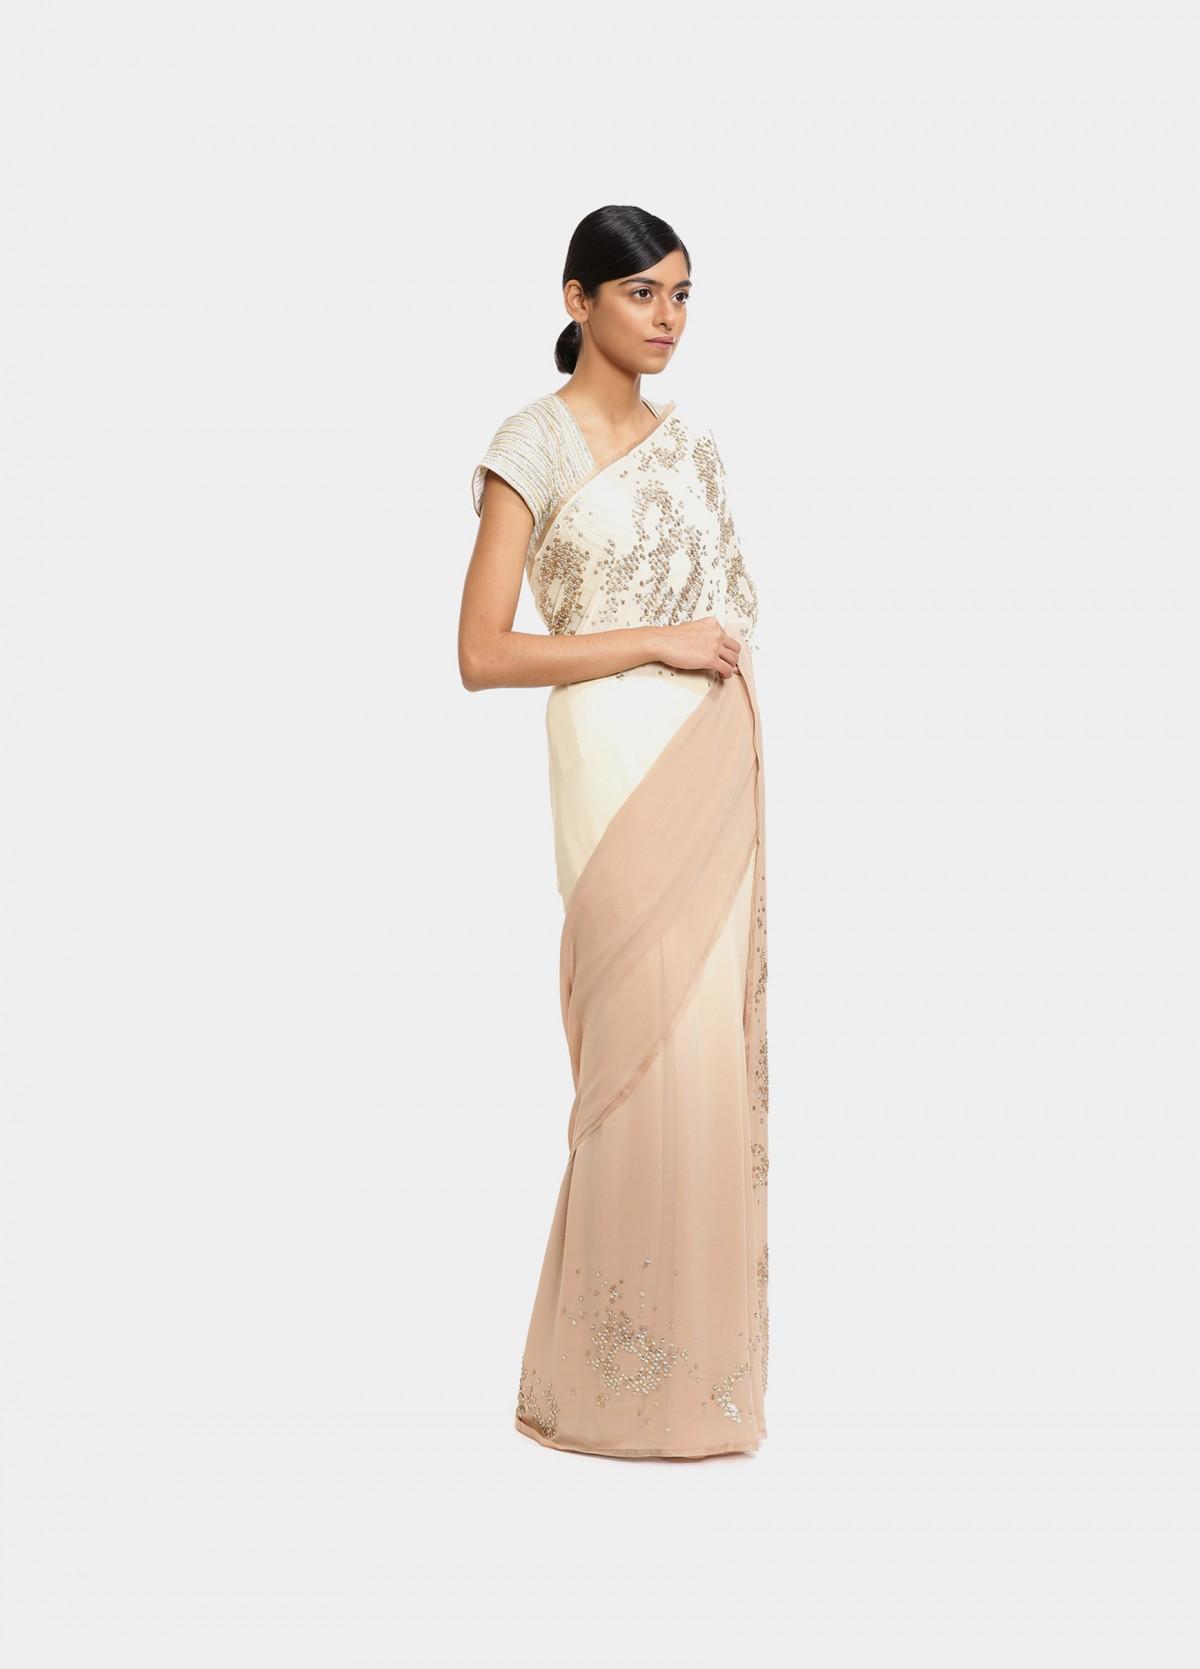 The Floral Dabs Sari